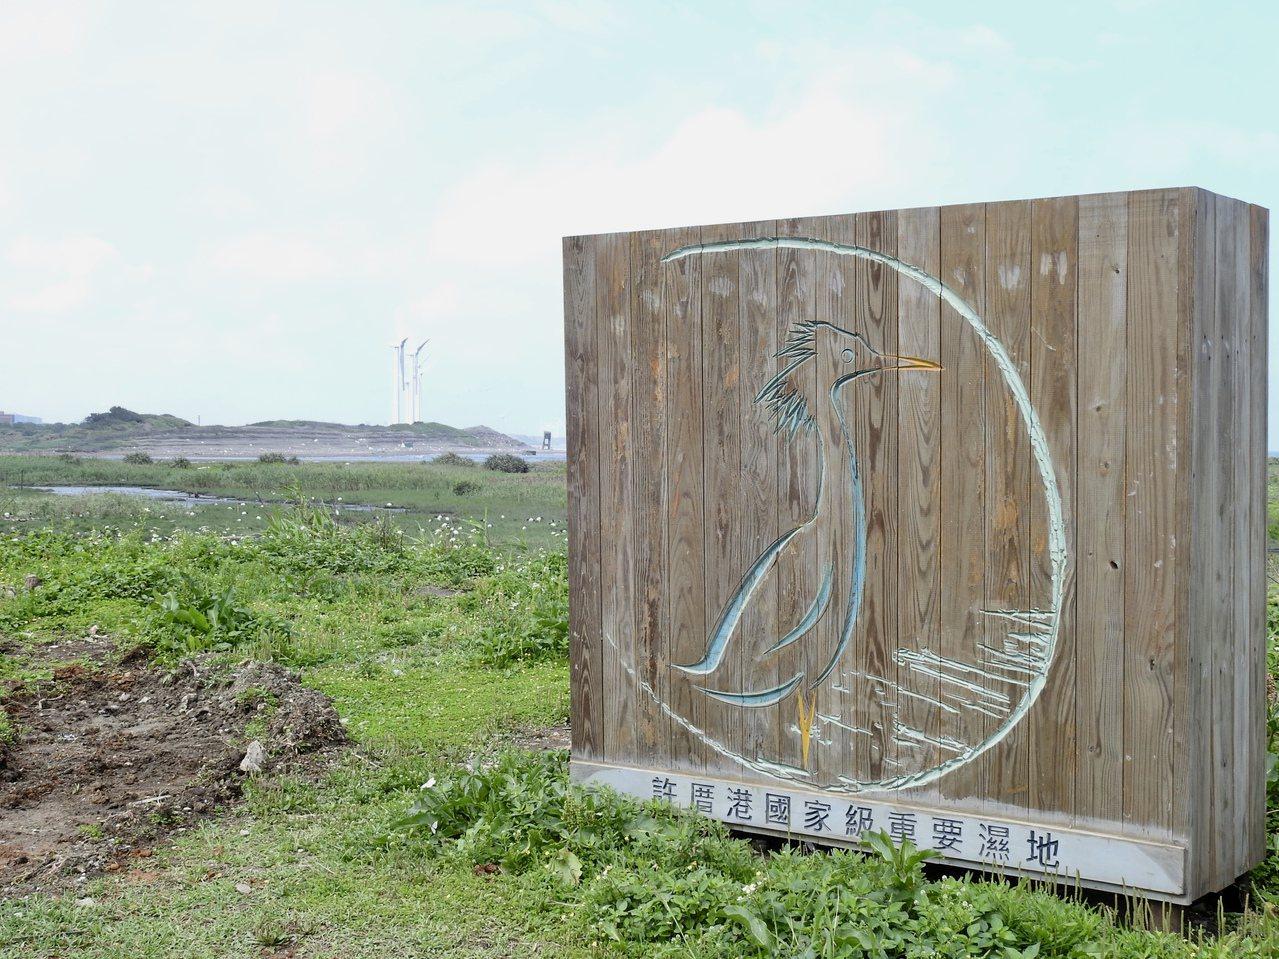 許厝港國家級重要濕地位於桃園市大園區濱海。 圖/曾健祐 攝影